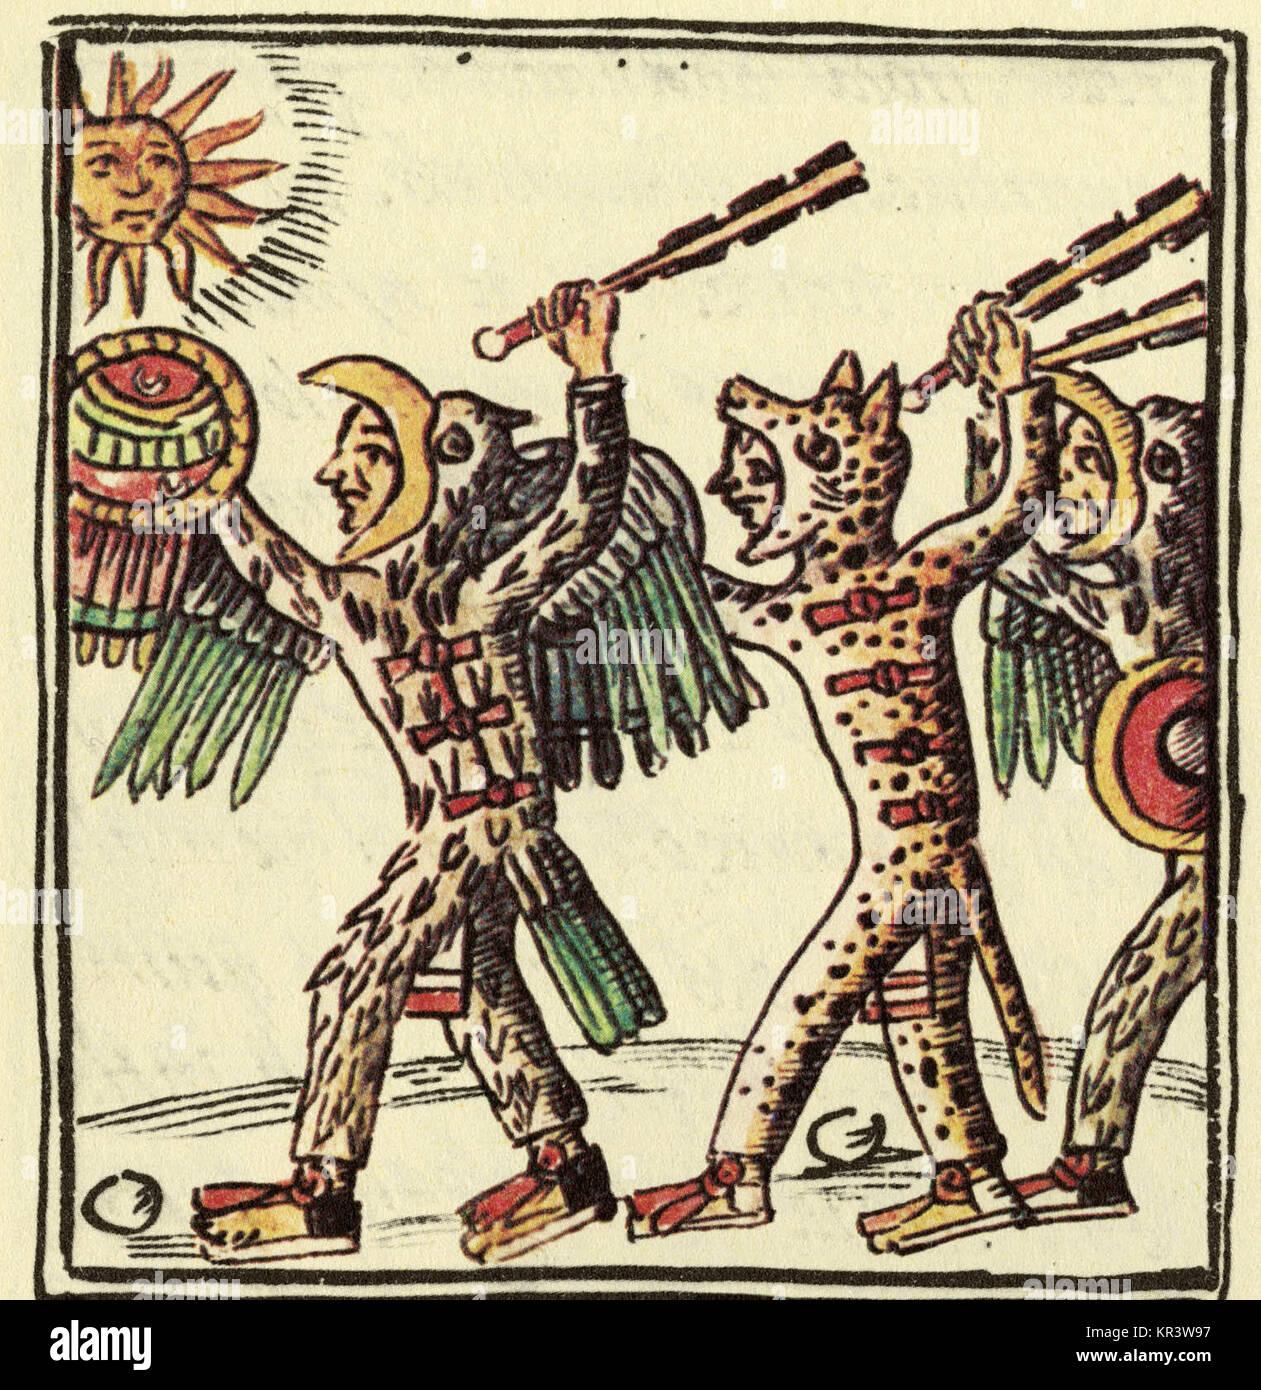 Este Dibujo Desde El Siglo Xvi El Códice Florentino Muestra